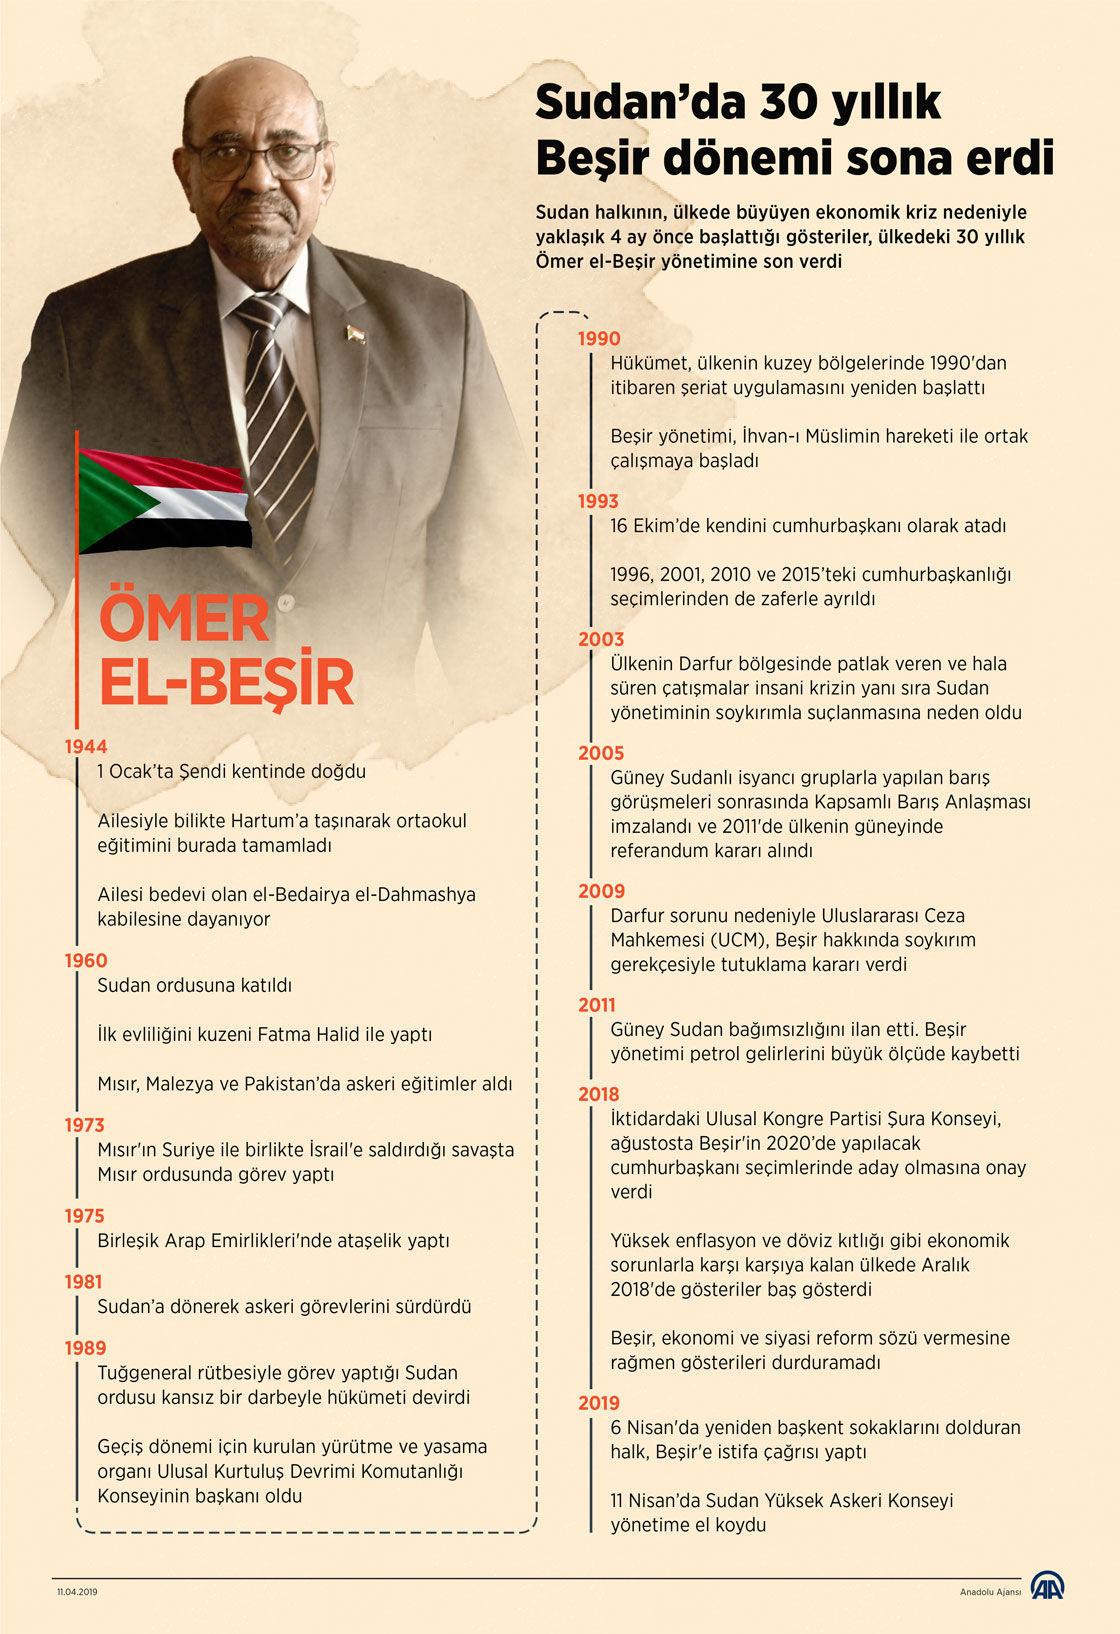 Sudan'da 30 yıllık Beşir dönemi sona erdi